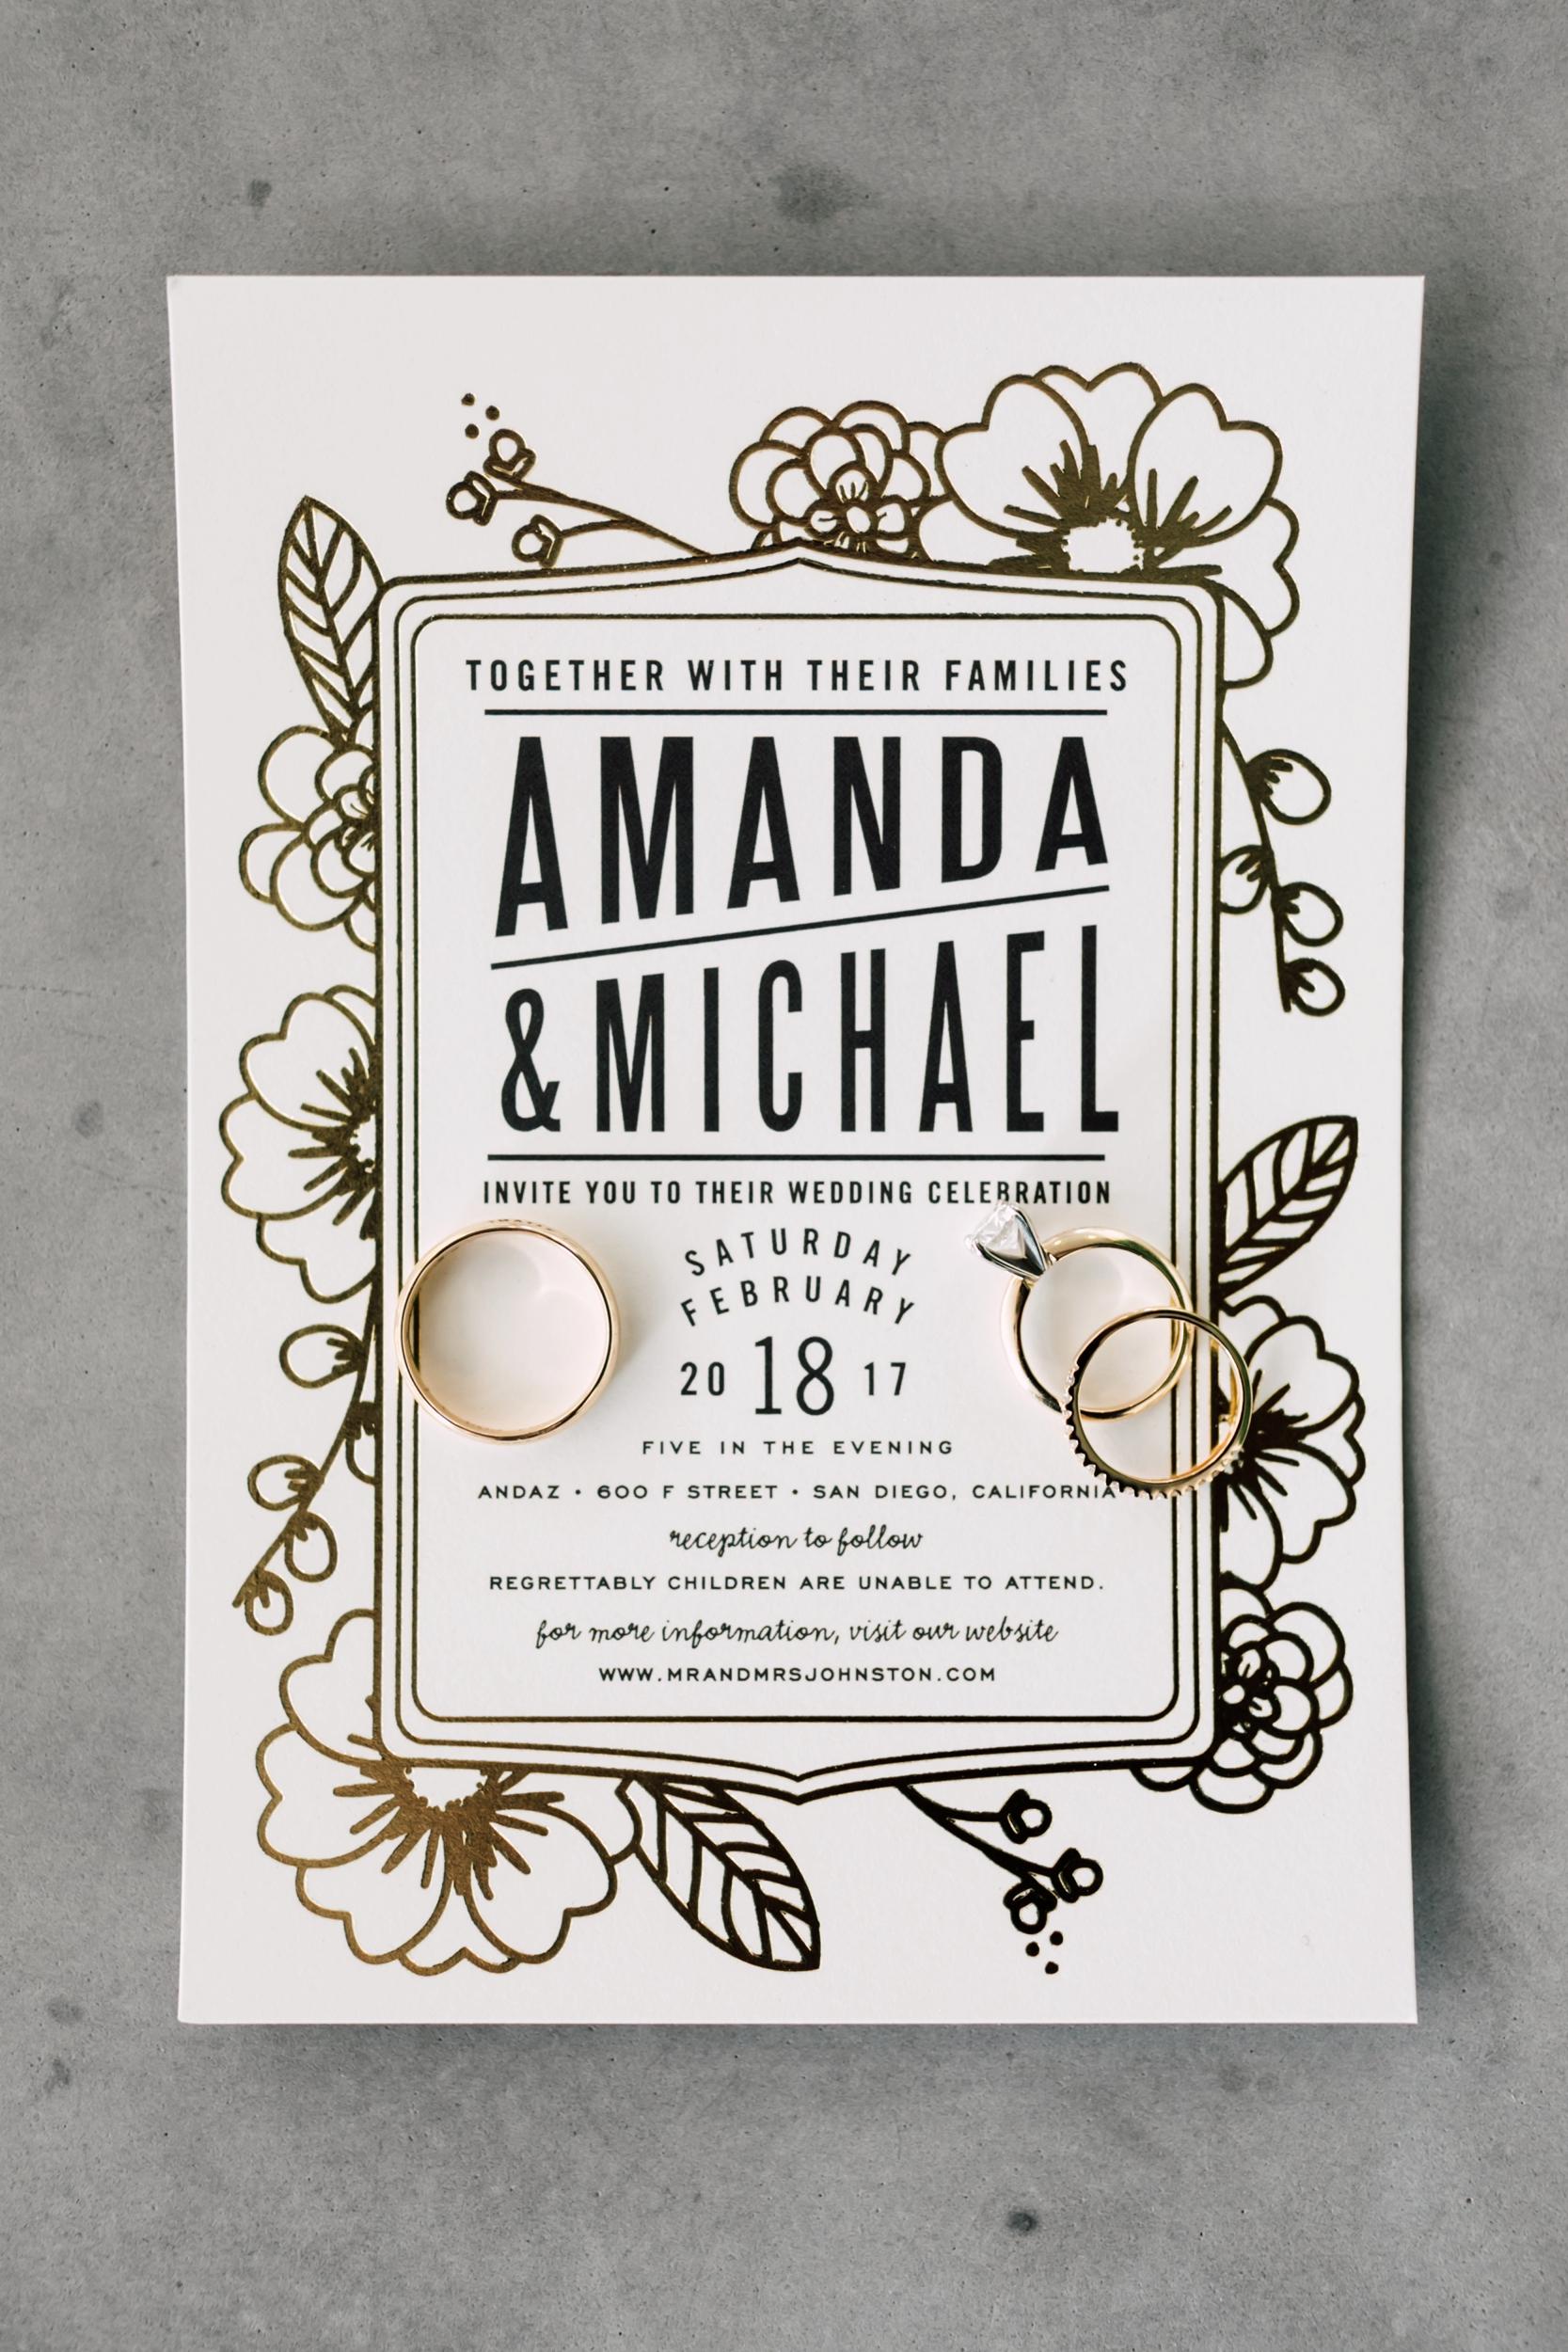 Plum&OakPhoto-Amanda+MichaelWedding-1.jpg